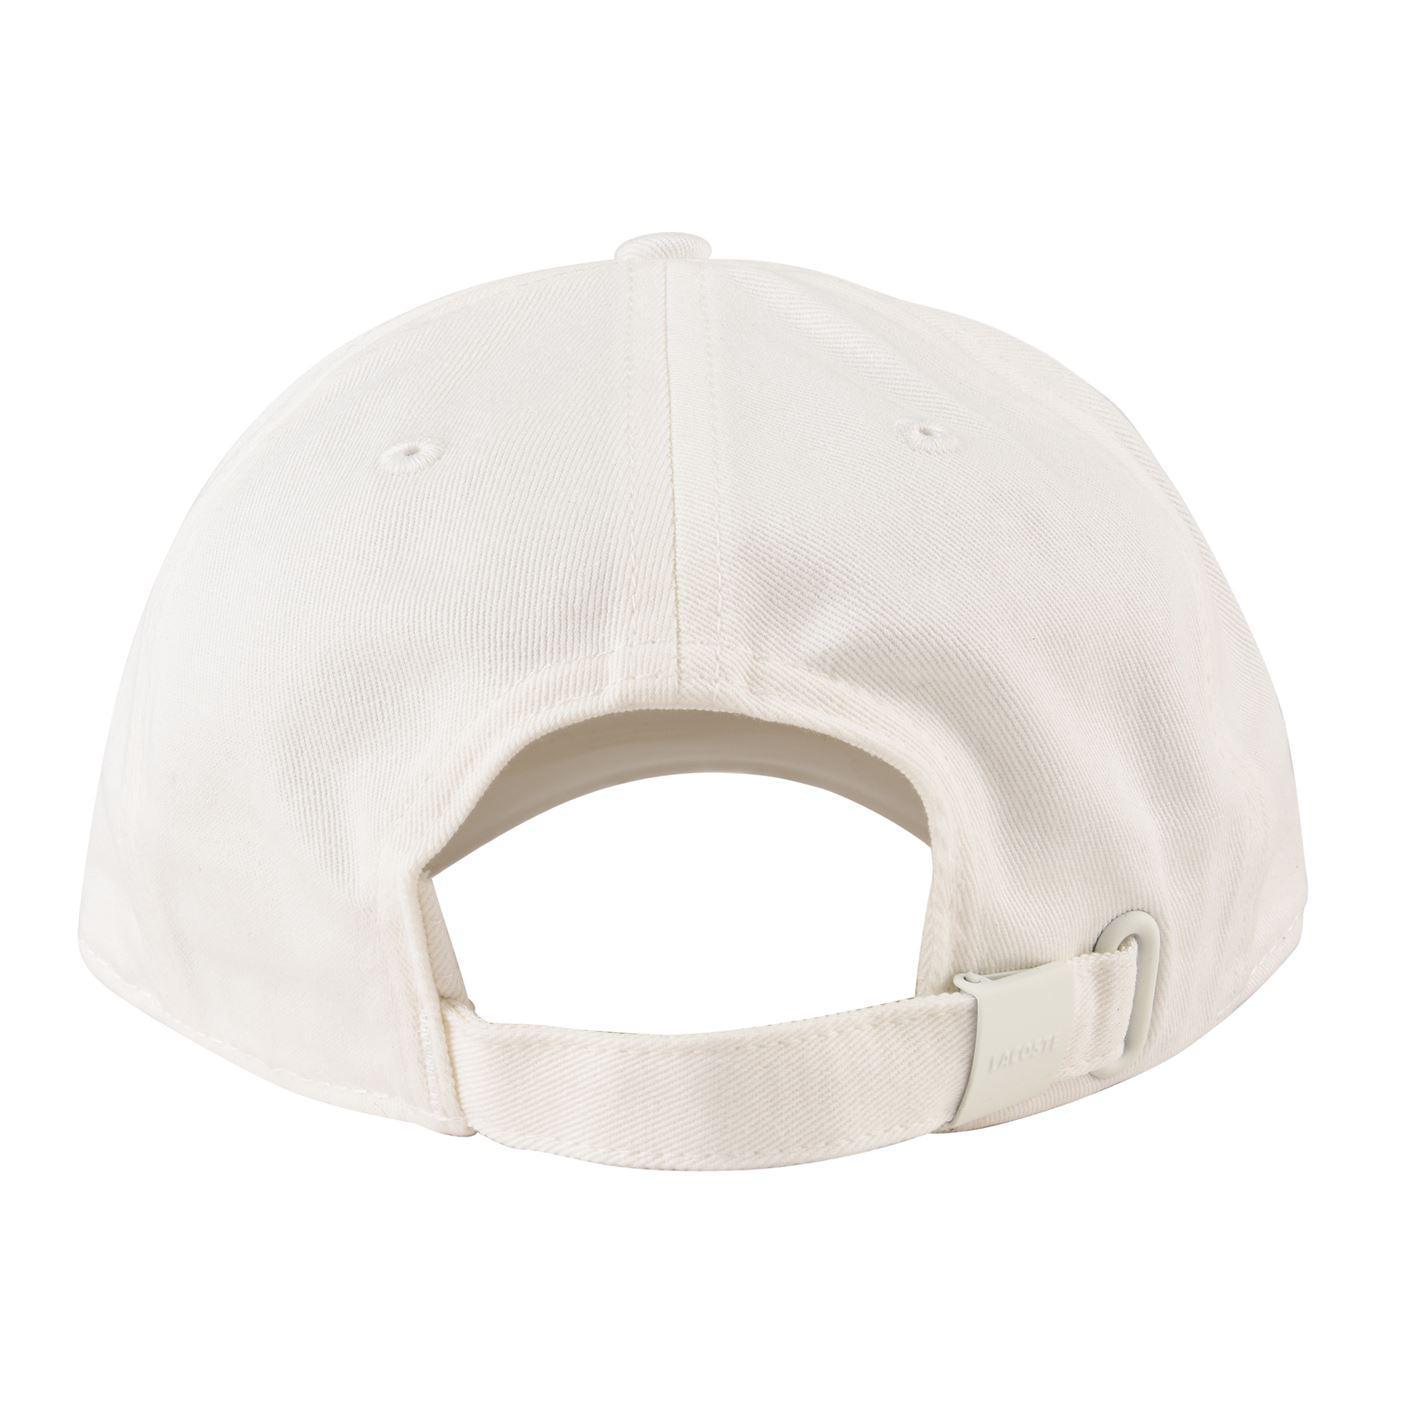 7e94bfc898909 Lacoste Badge Cotton Gabardine Cap in White for Men - Lyst